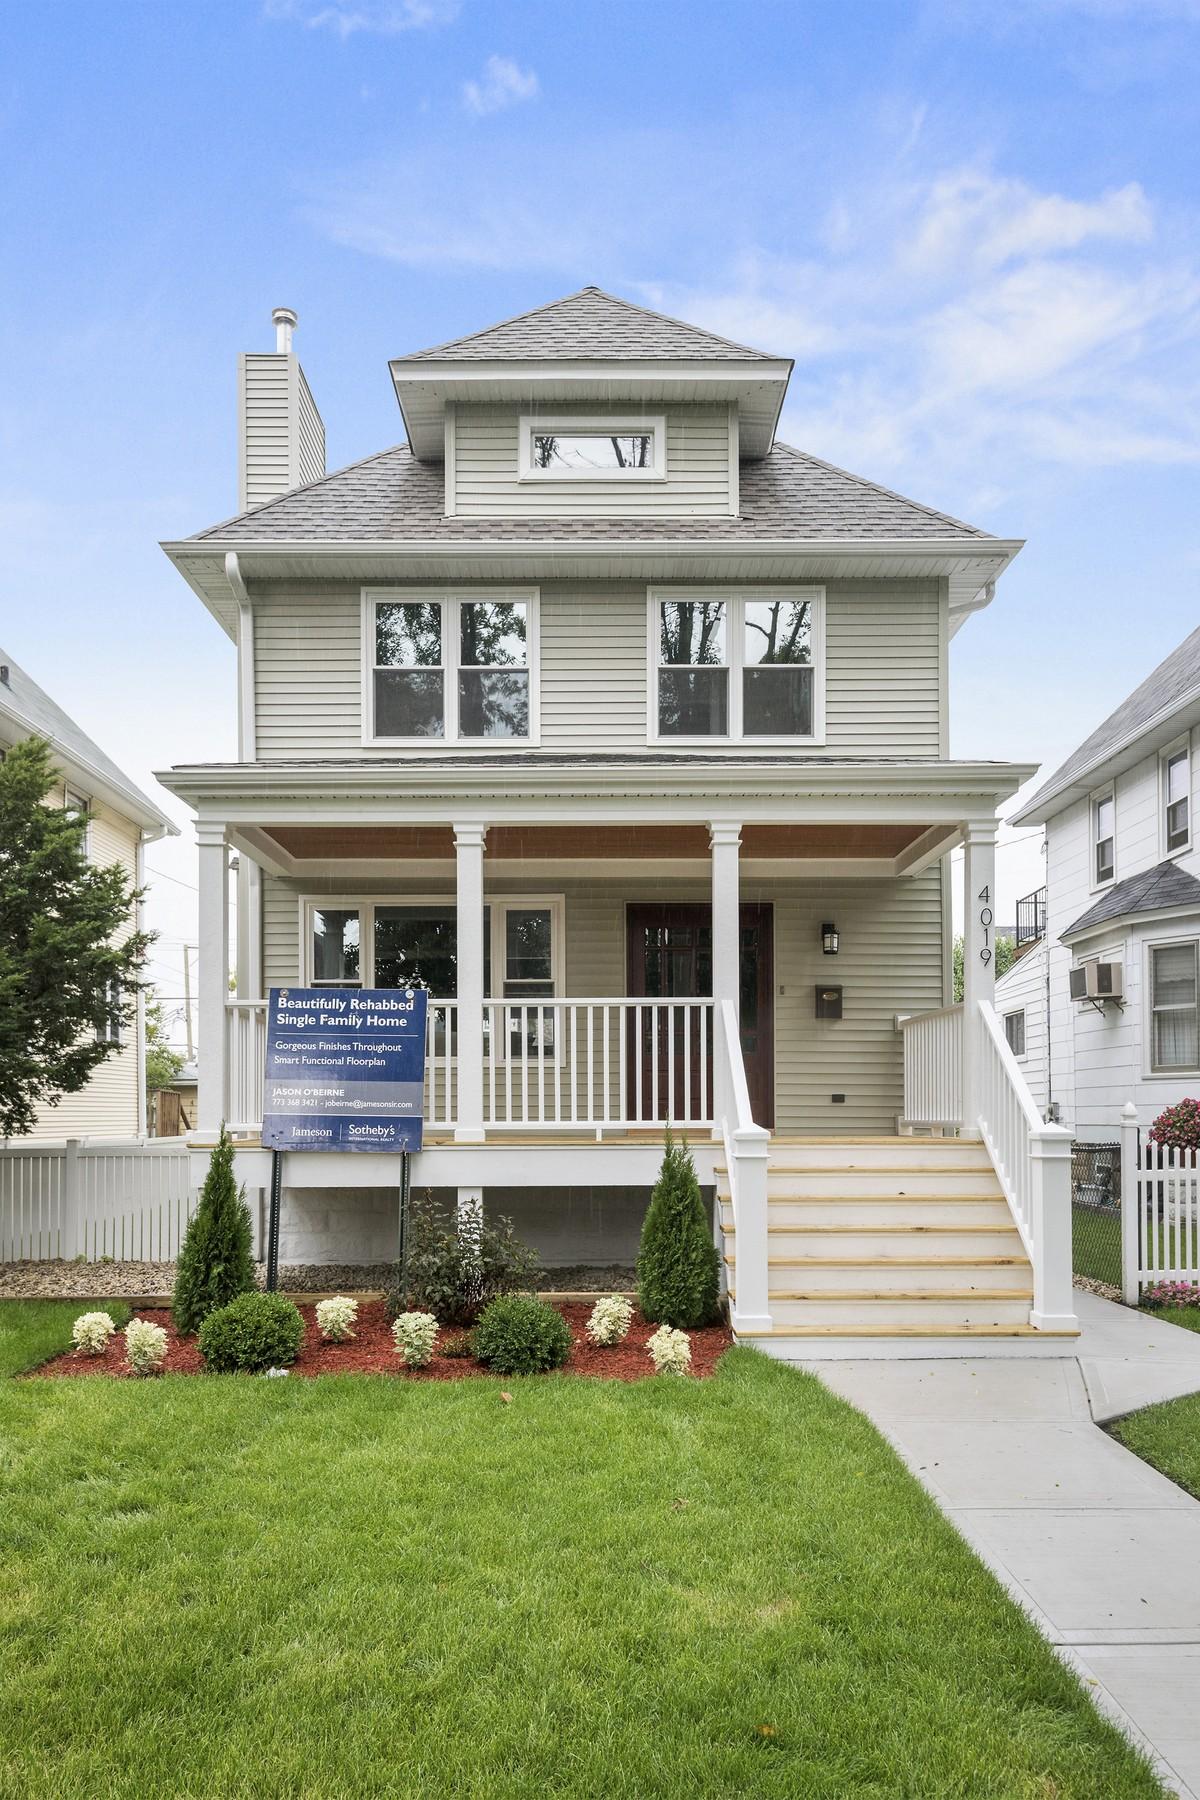 一戸建て のために 売買 アット Fully Rehabbed On Wide Lot In Old Irving 4019 W Waveland Avenue Chicago, イリノイ 60641 アメリカ合衆国